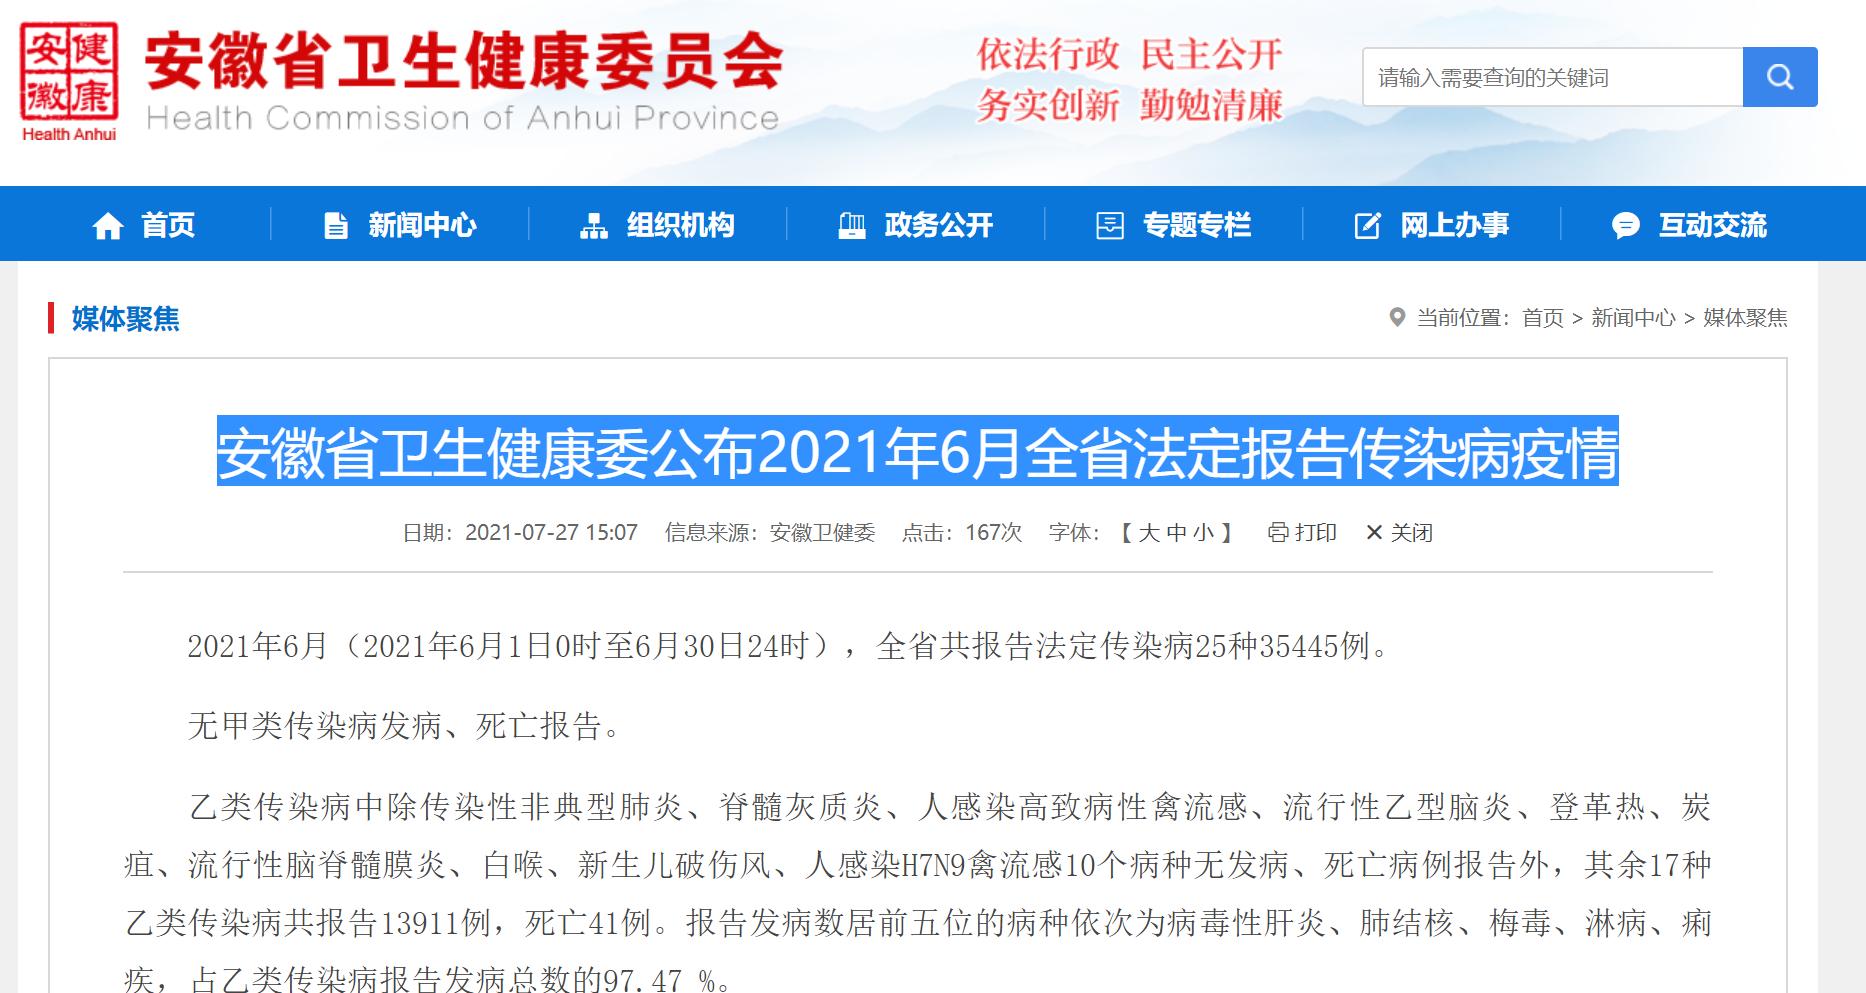 安徽省公布6月法定报告传染病疫情 建议减少不必要聚集活动